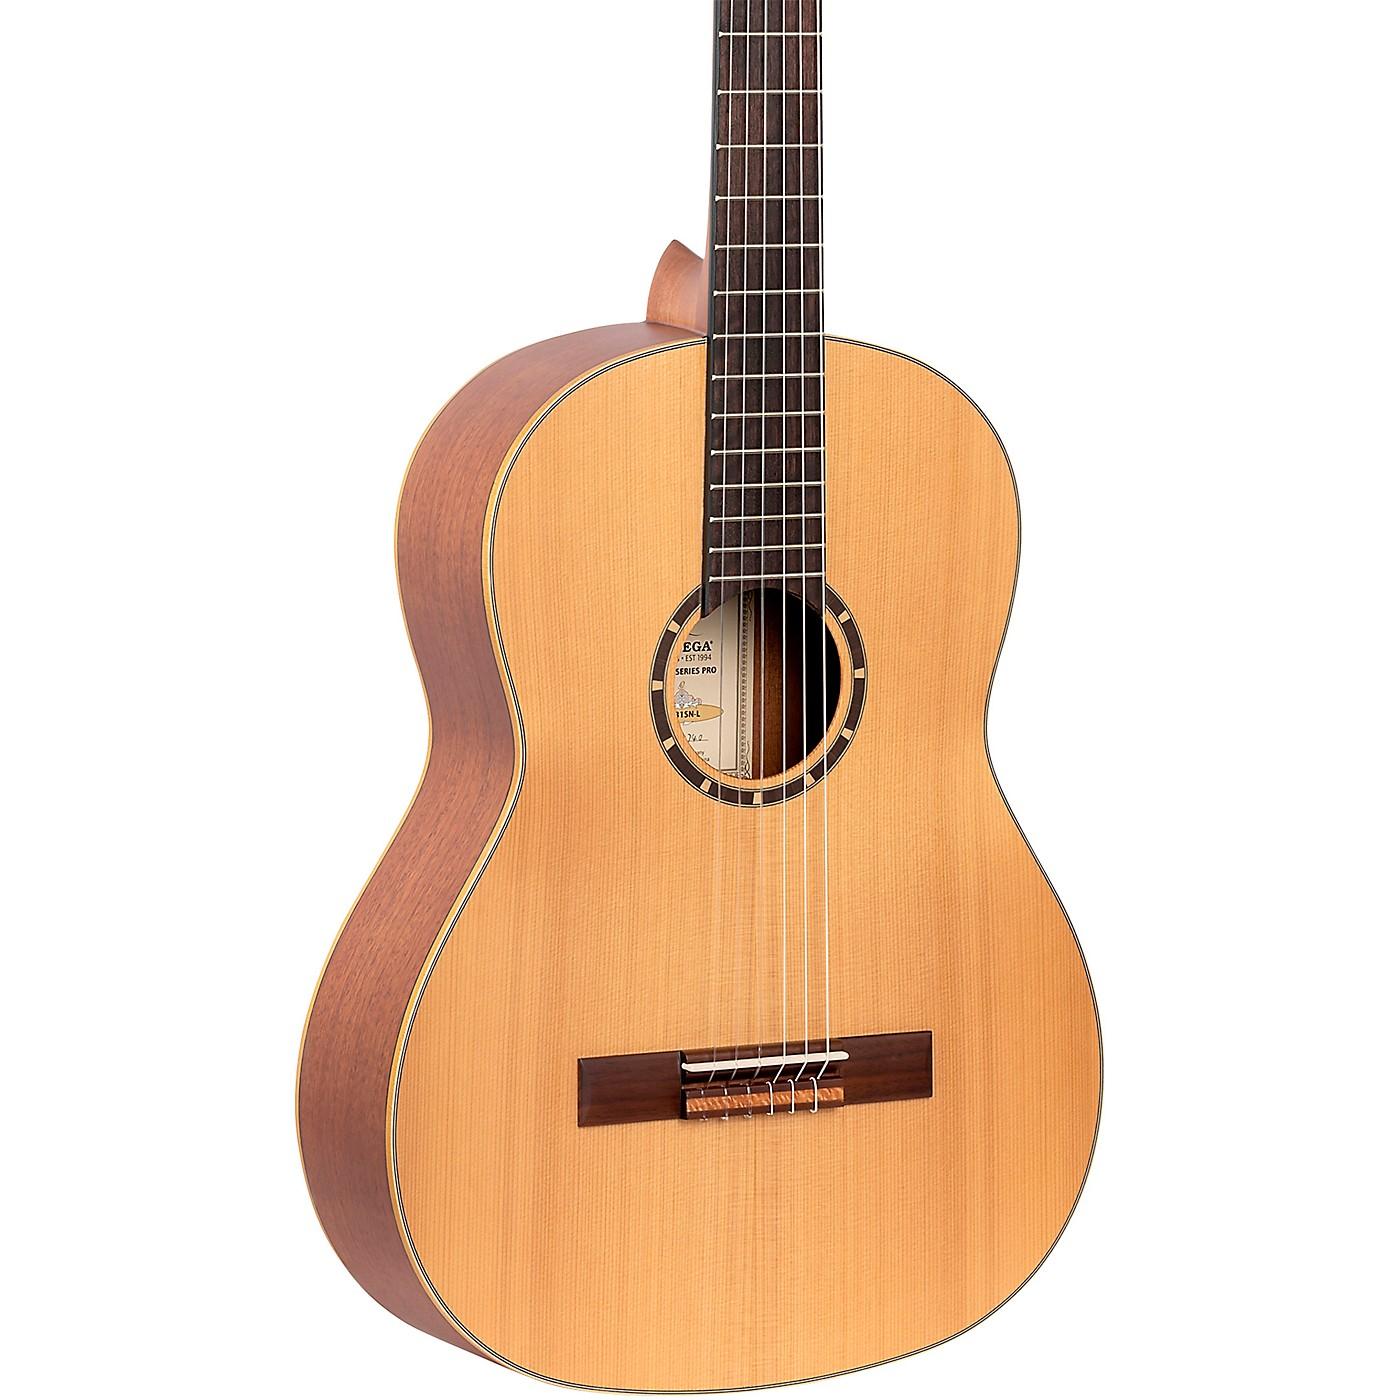 Ortega Family Series Pro R131SN-L Full Size Classical Guitar thumbnail